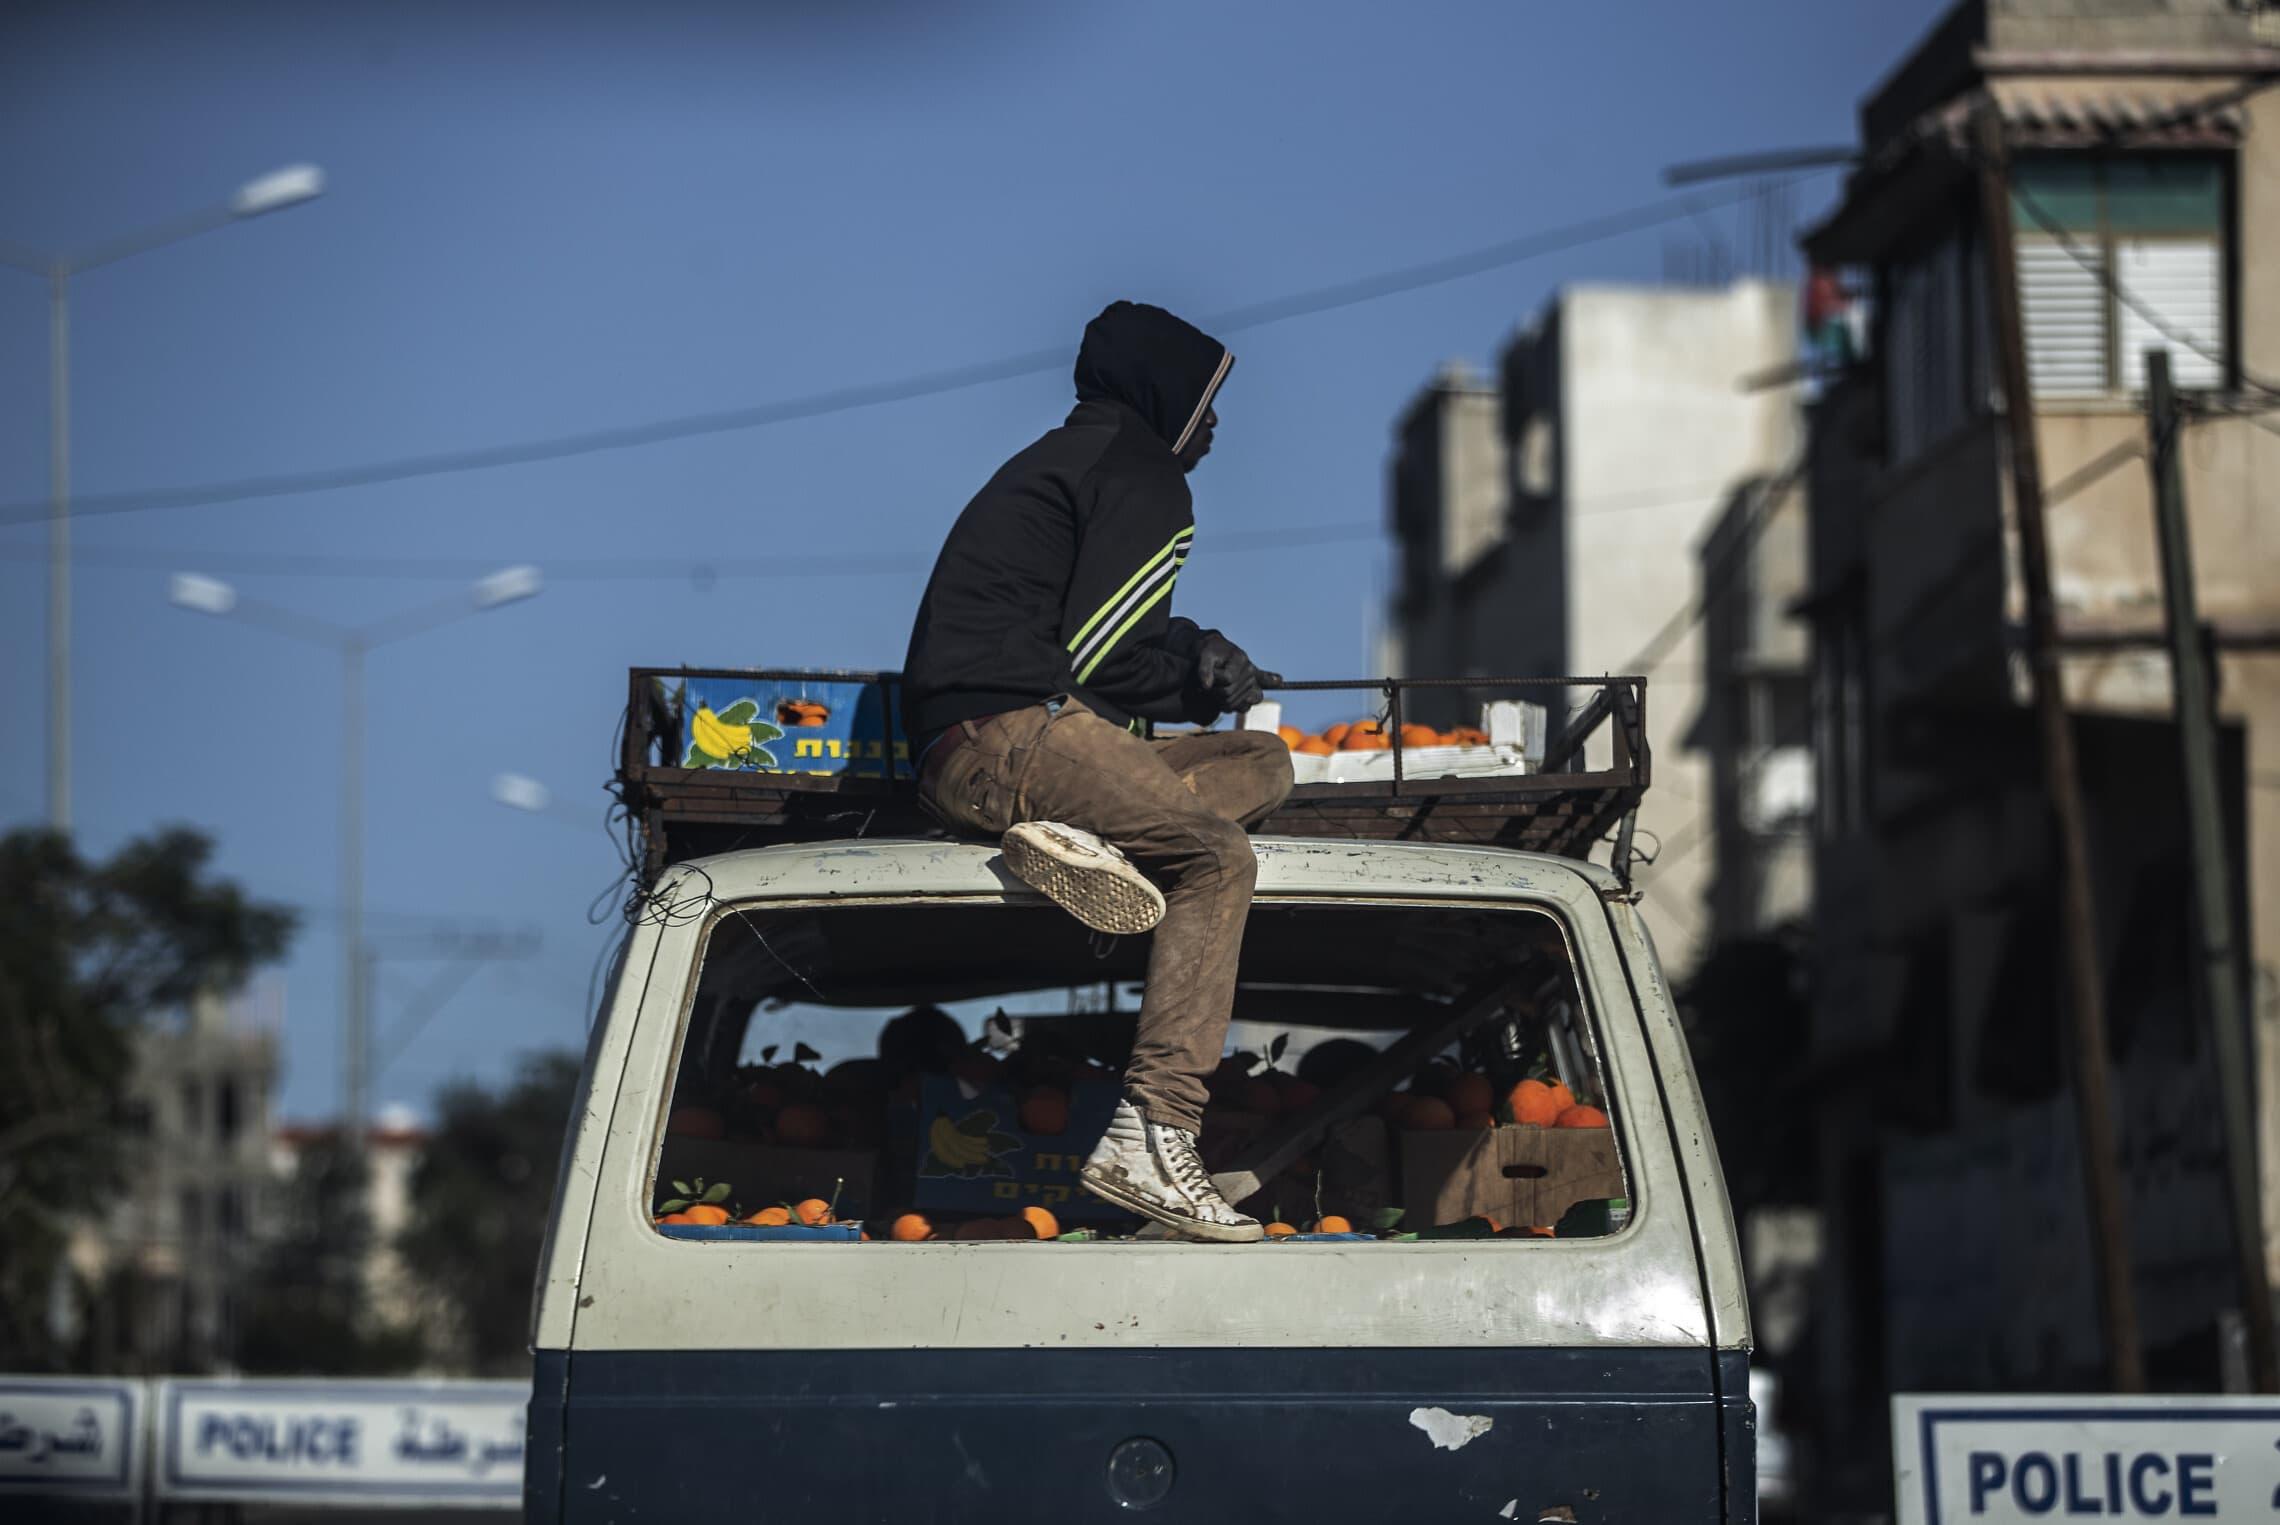 החיים בעזה: צעיר יושב על רכב עם ארגזי תפוזים, פברואר 2021 (צילום: AP Photo/Khalil Hamra)